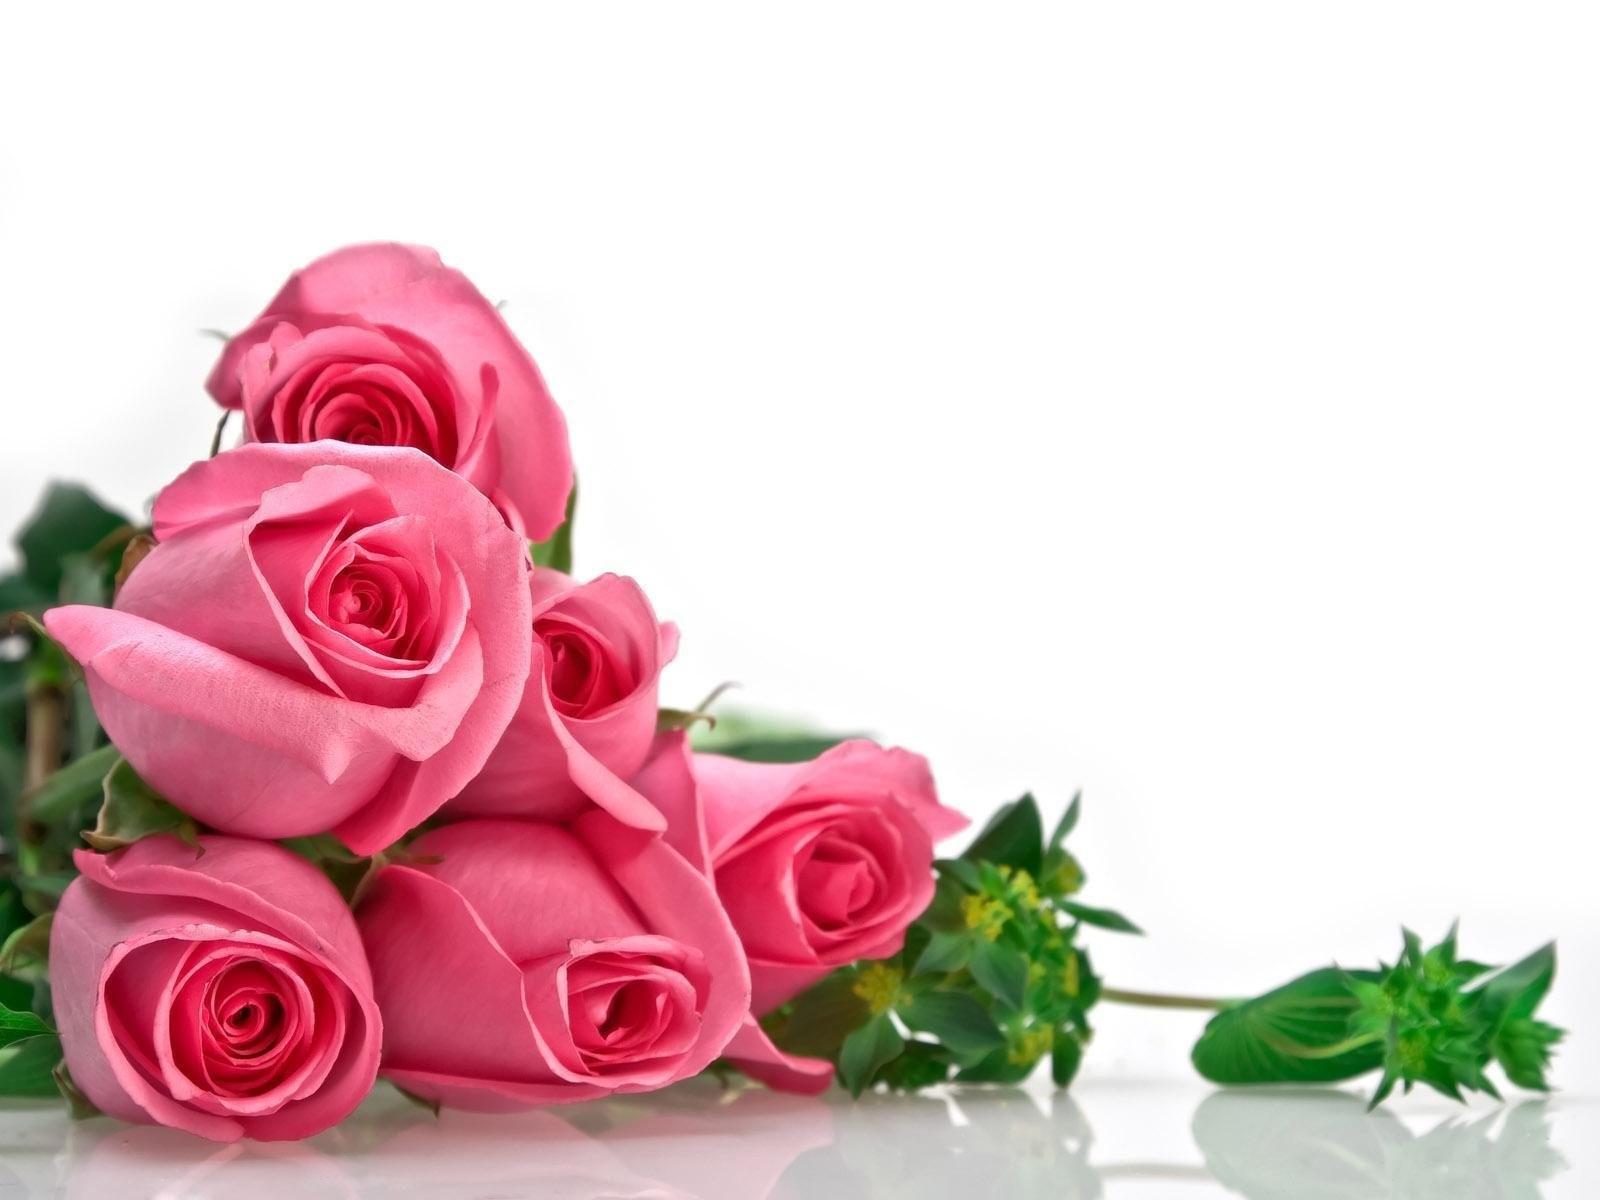 صور ورد خلفيات اجمل صور الورد صور بنات